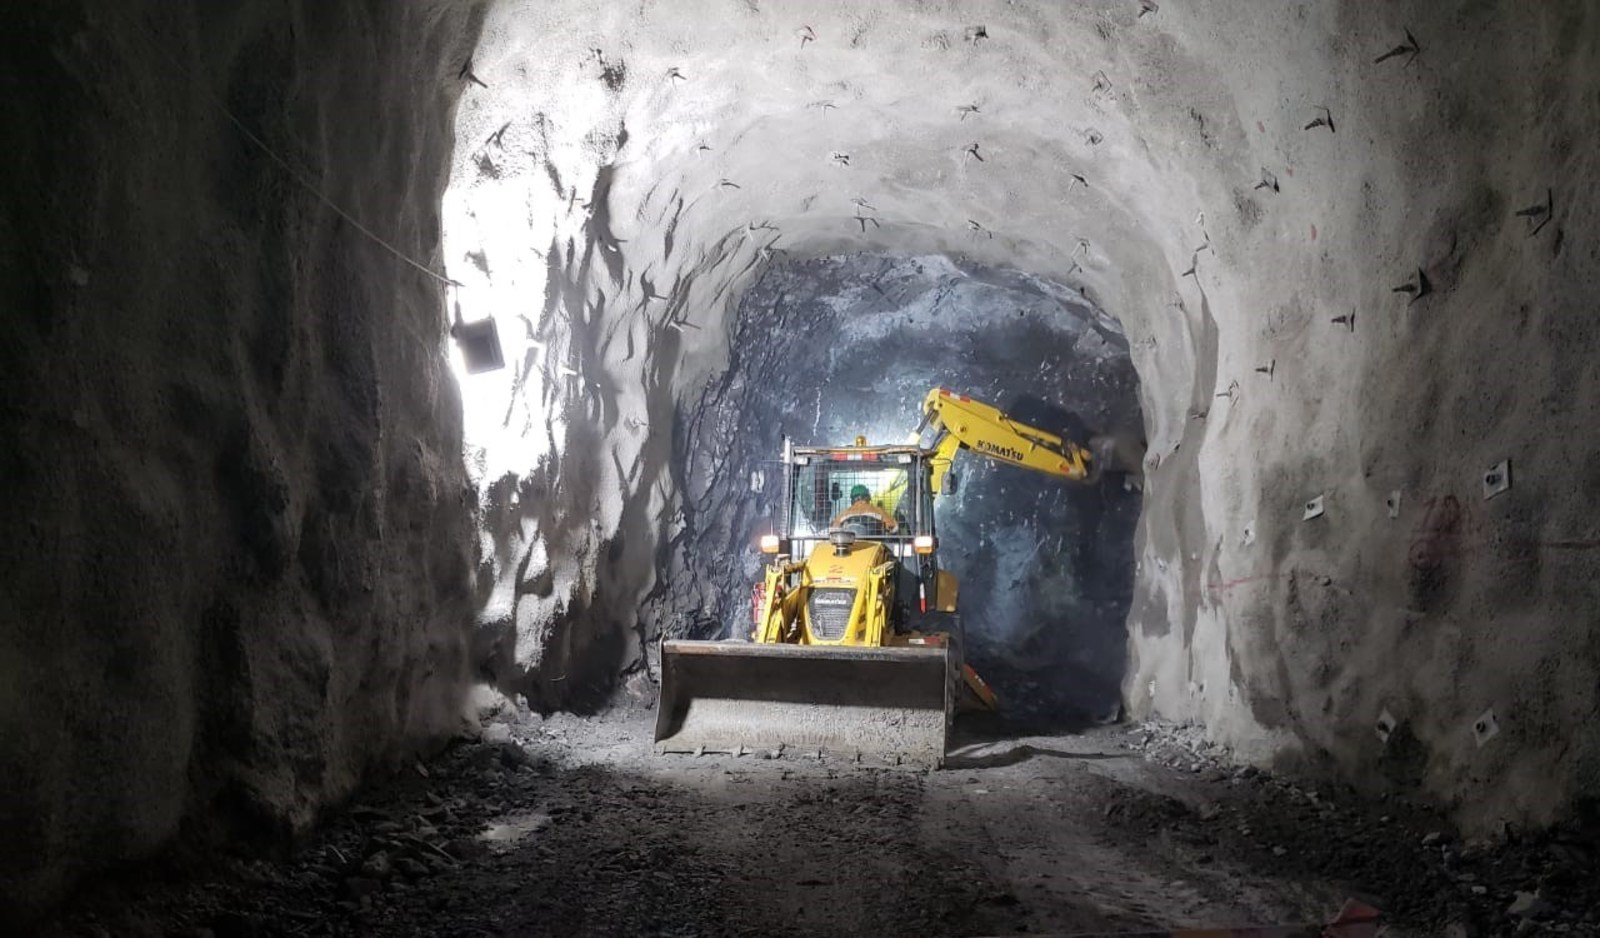 Figure 2. Underground mine development in the Kuri decline